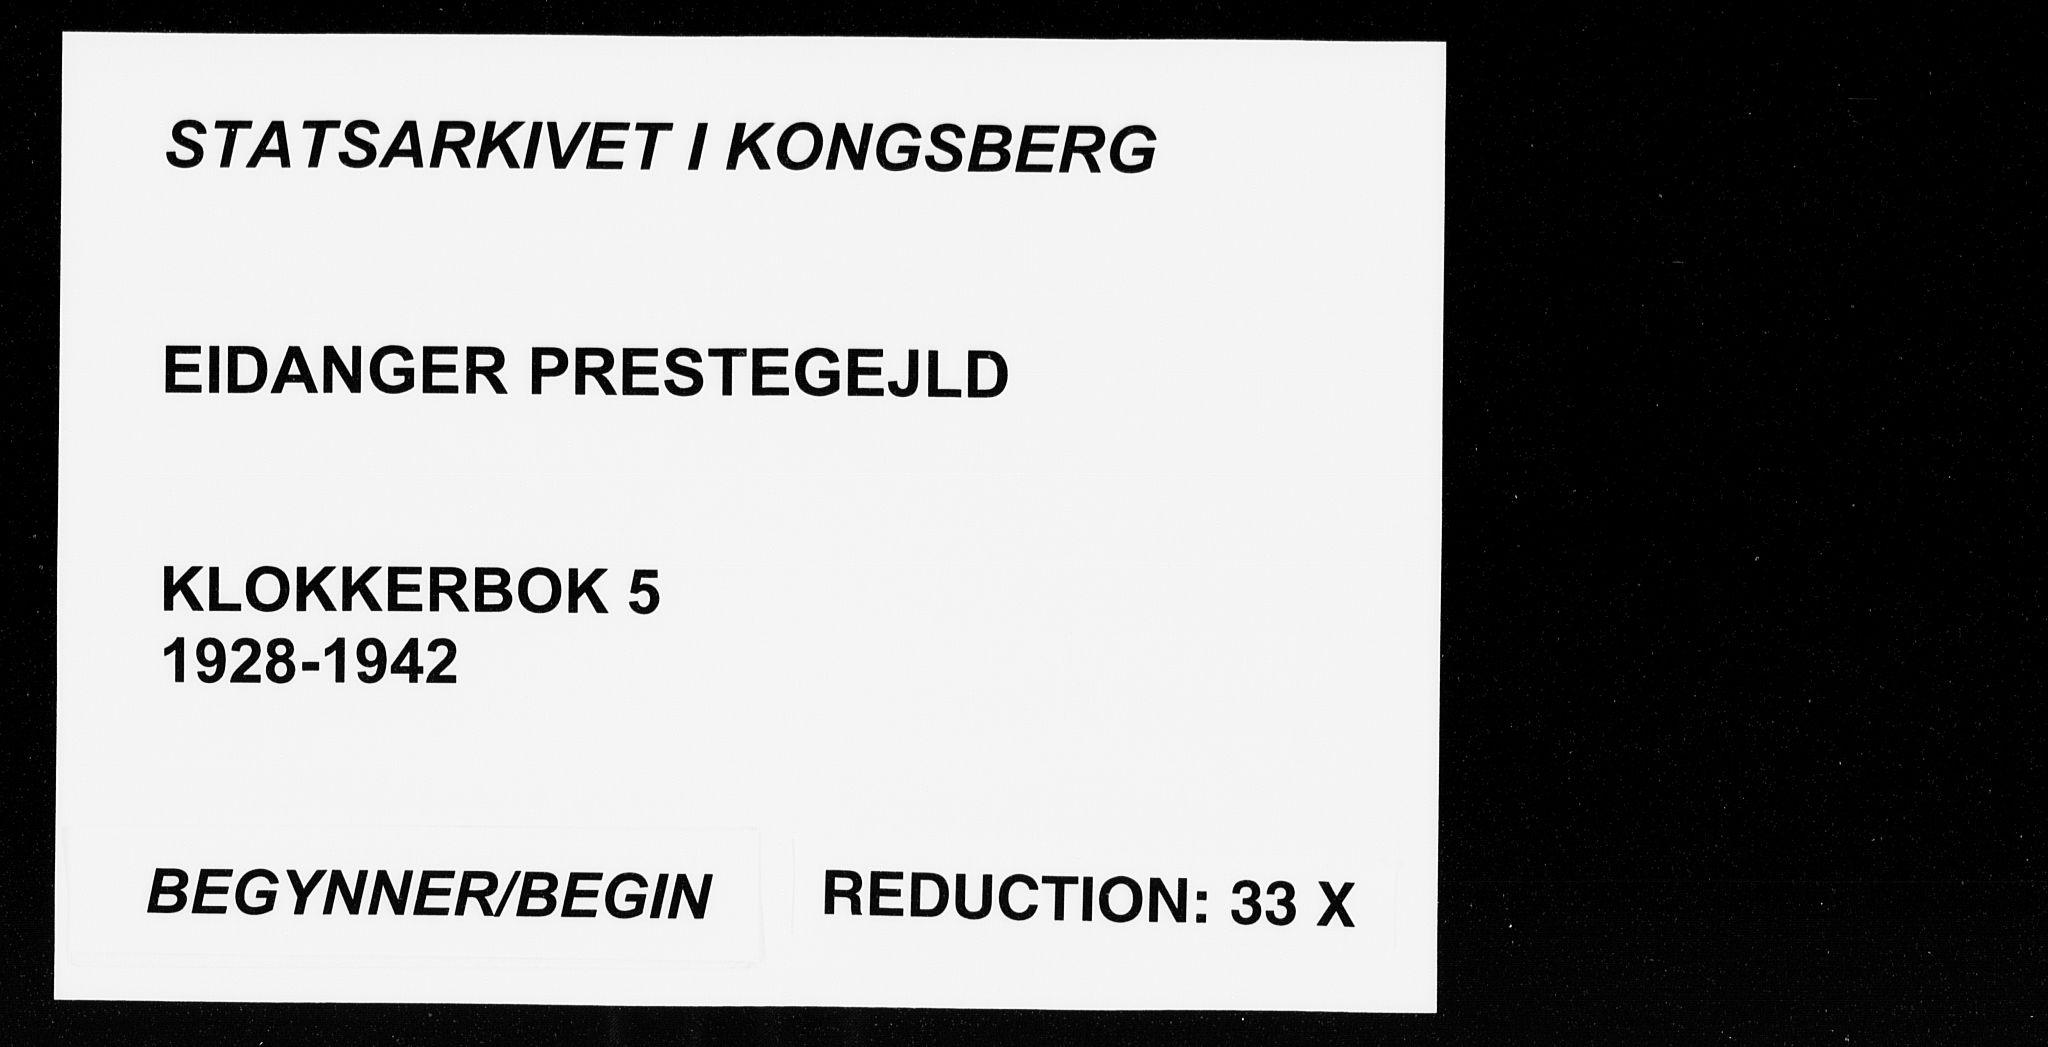 SAKO, Eidanger kirkebøker, G/Ga/L0005: Klokkerbok nr. 5, 1928-1942